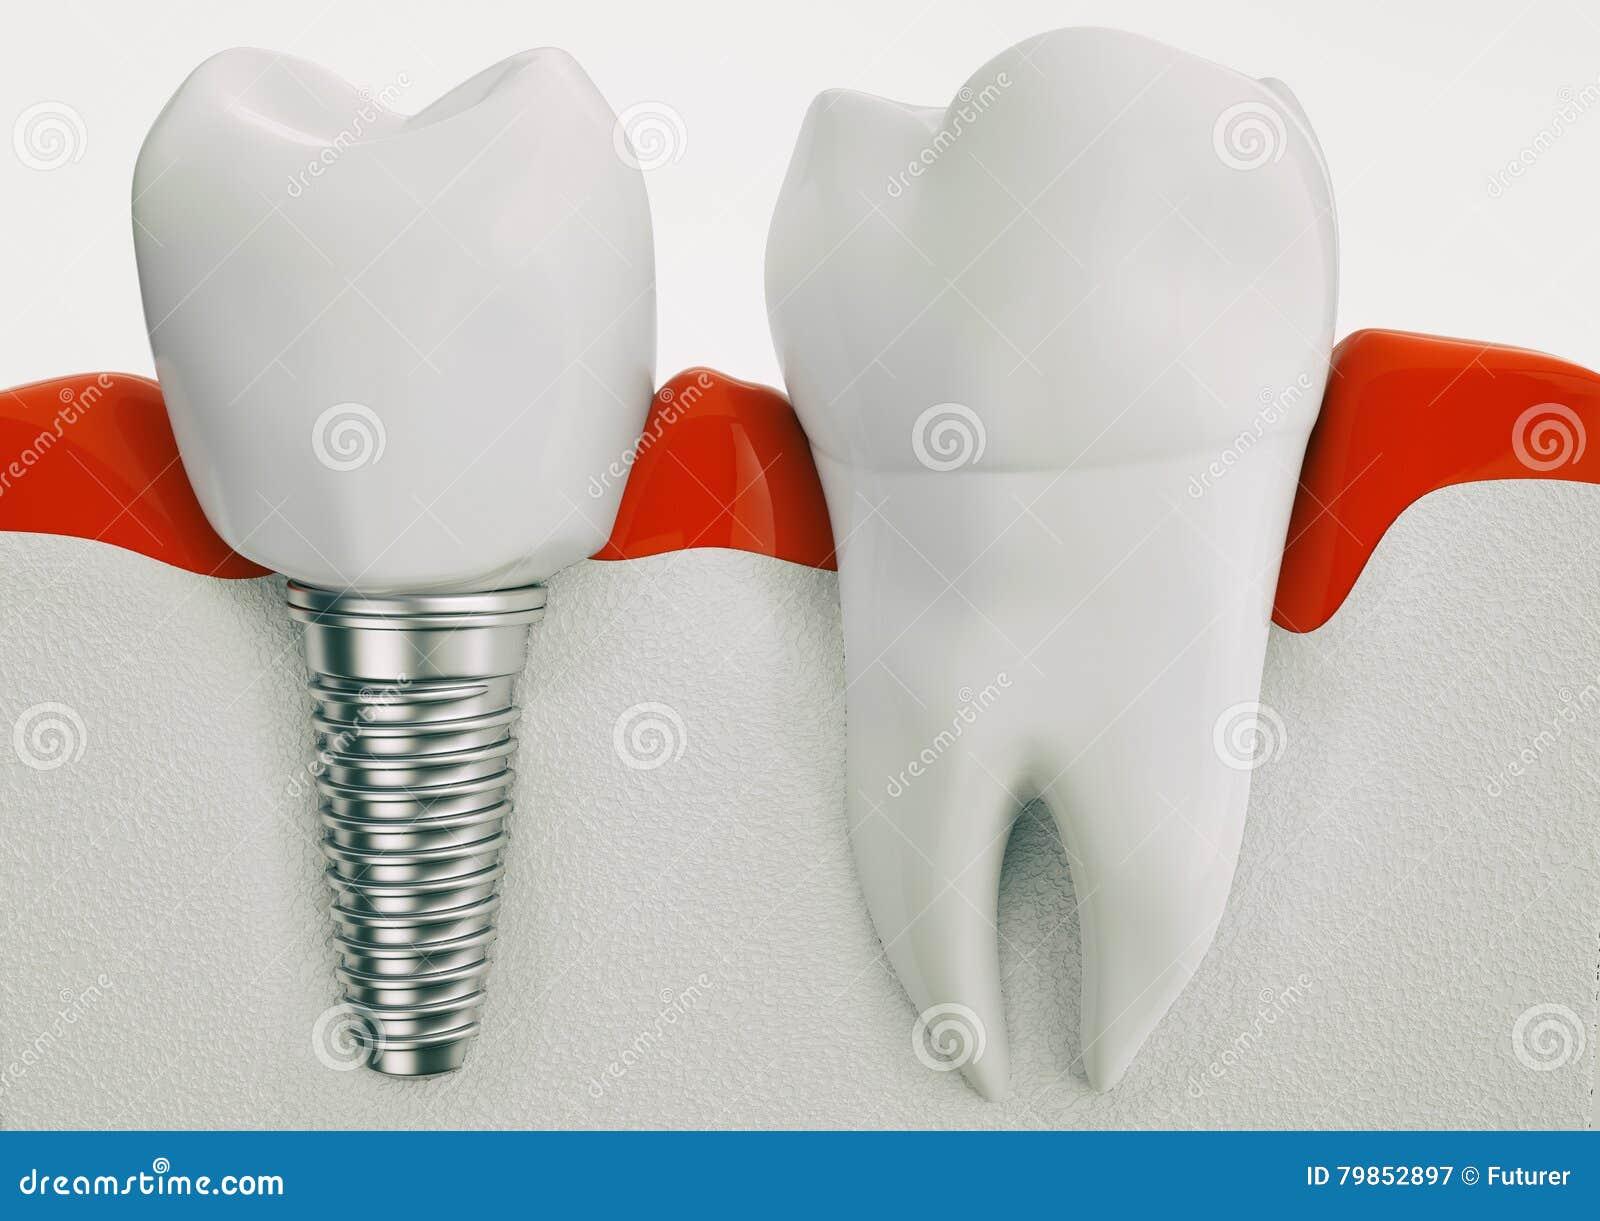 Anatomie Von Gesunden Zähnen Und Von Zahnimplantat Im Kieferknochen ...